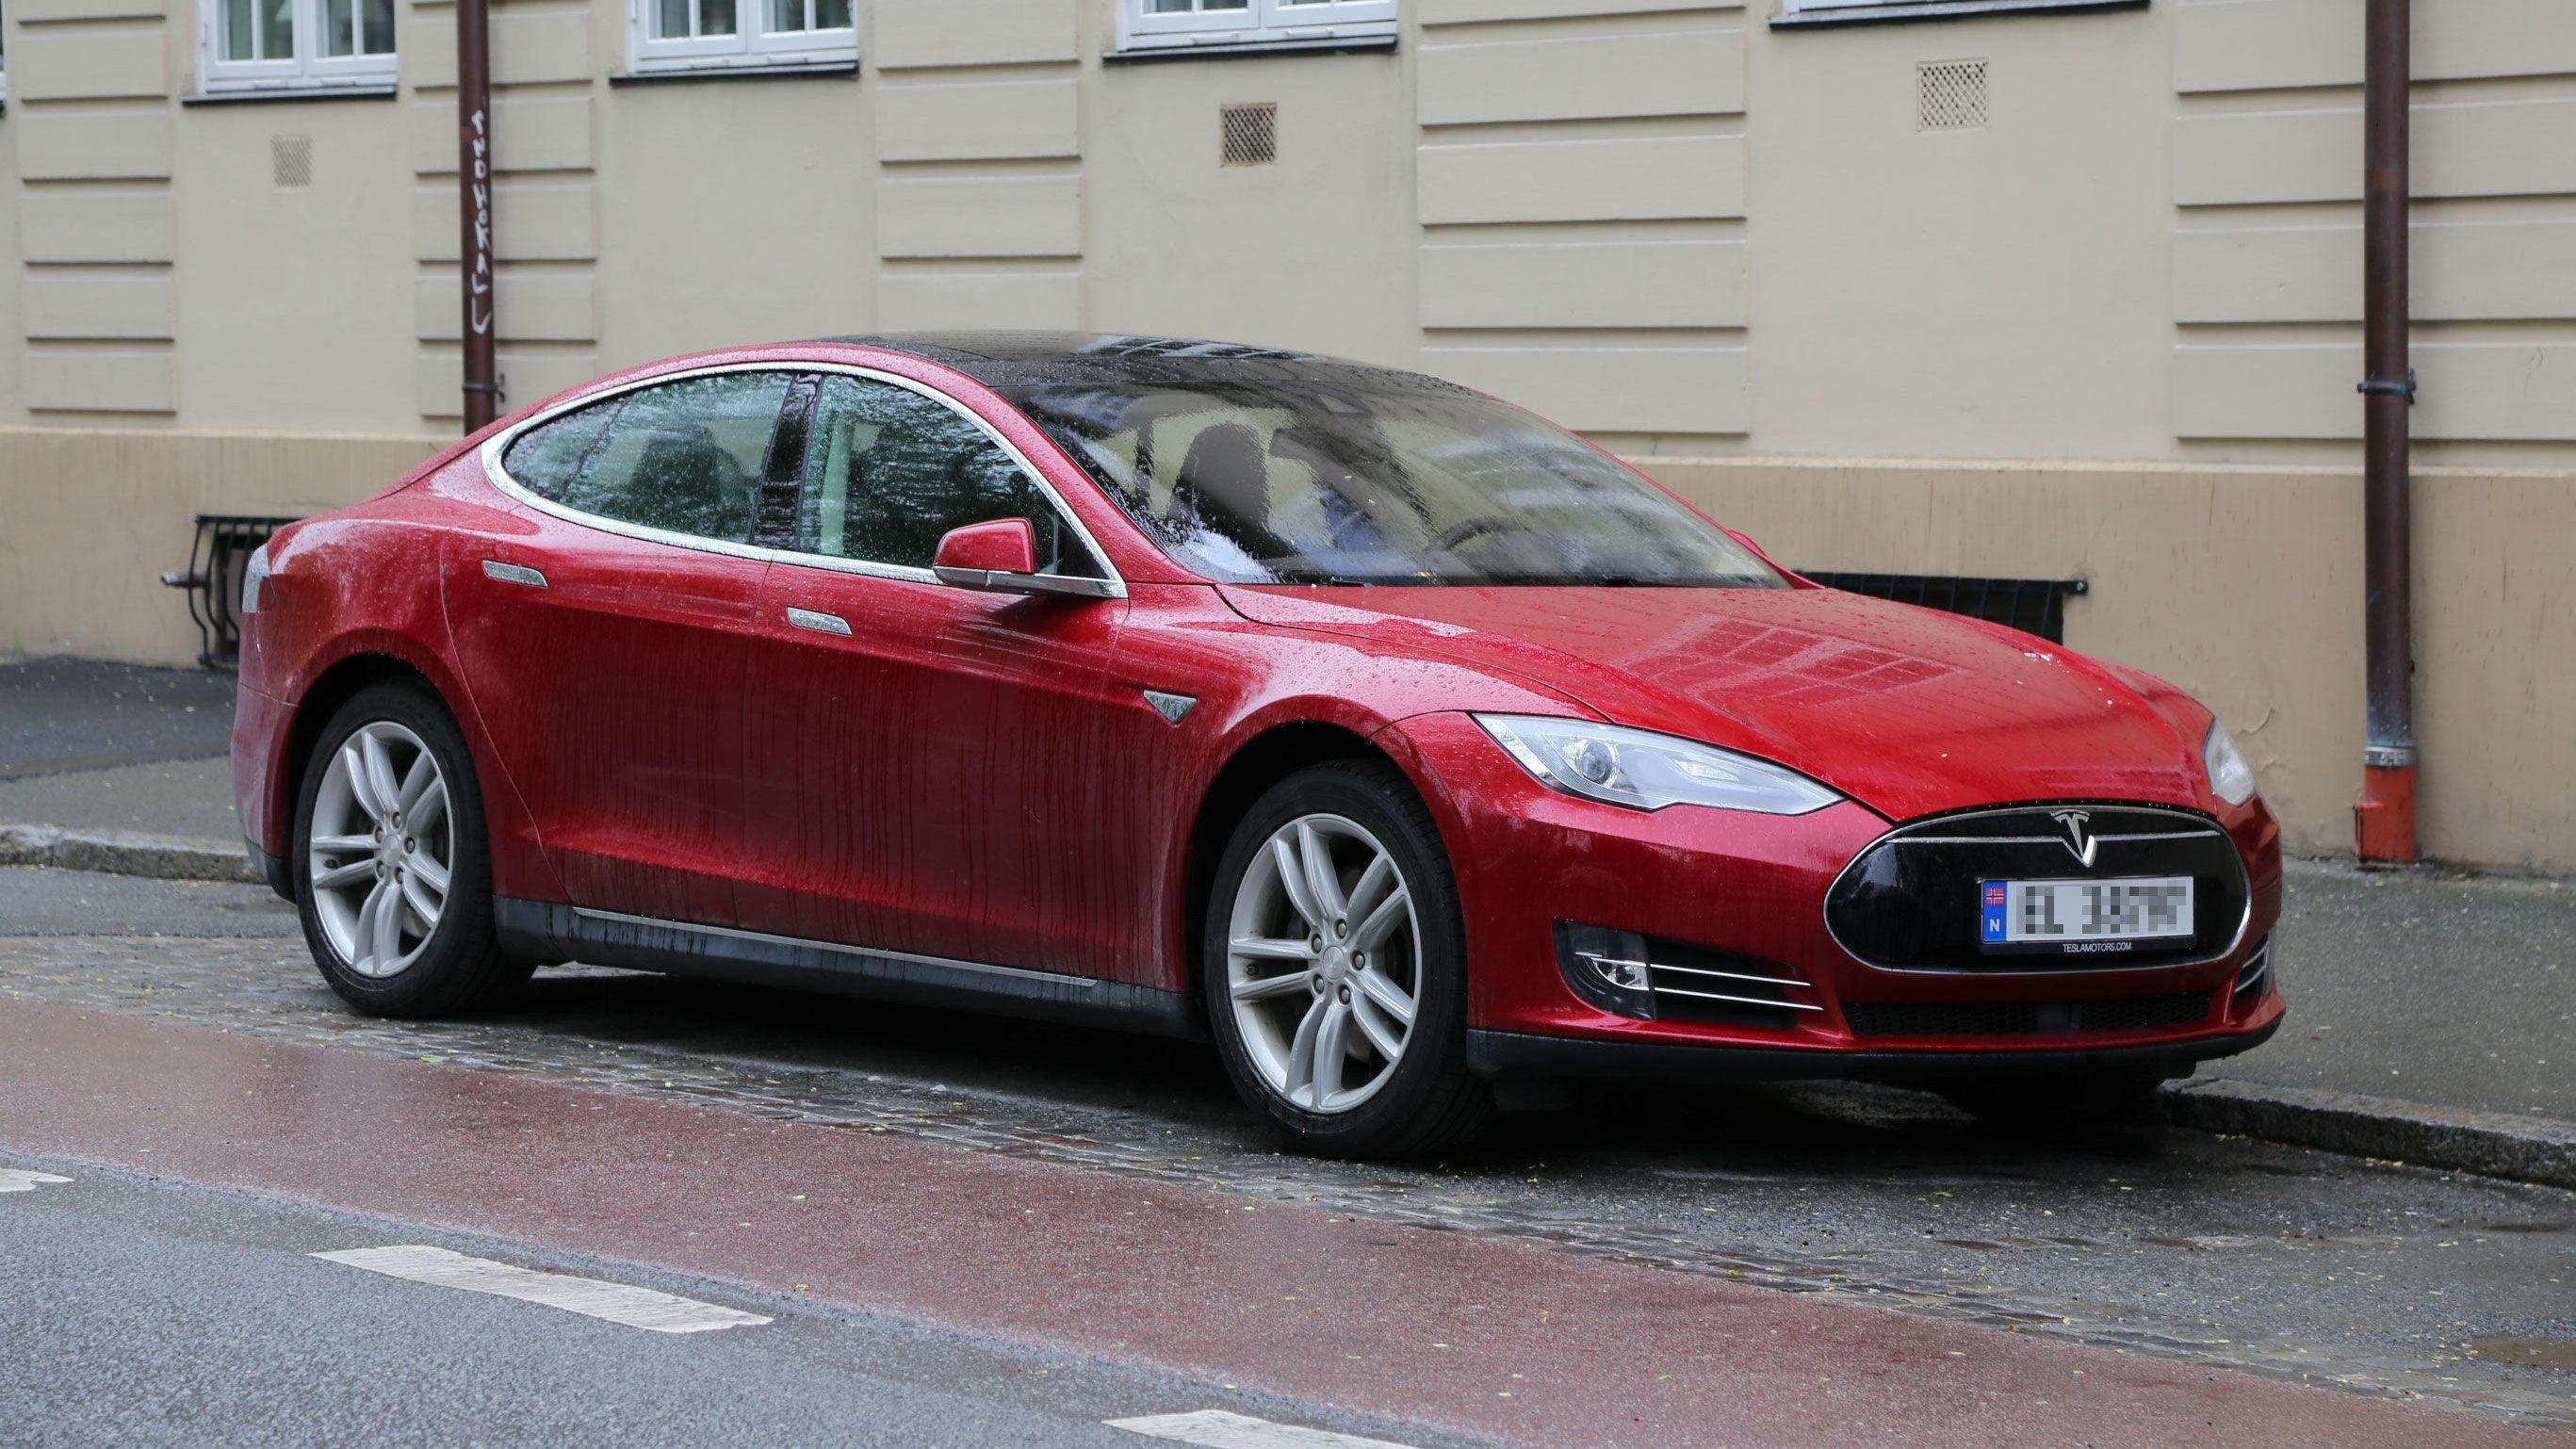 I EN KLASSE FOR SEG: Med mye innvendig plass, pent design og lang rekkevidde er Tesla Model S er en ettertraktet elbil i Norge. Brukt starter prisen i skrivende stund på drøyt 400.000 kroner.